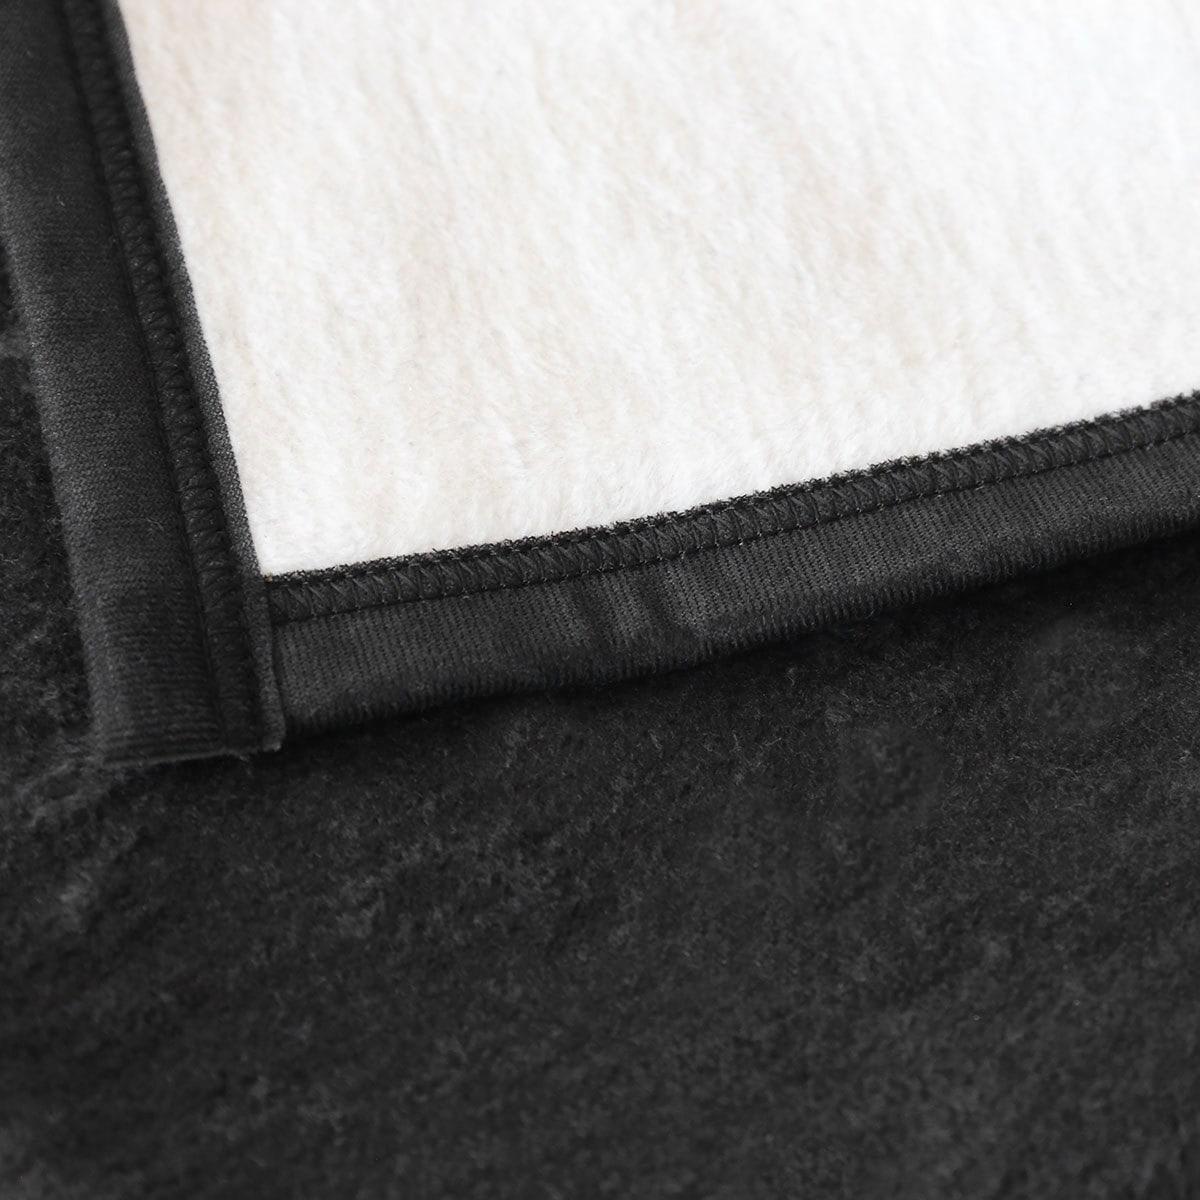 ibena doubleface wohndecke black and white g nstig online kaufen bei bettwaren shop. Black Bedroom Furniture Sets. Home Design Ideas